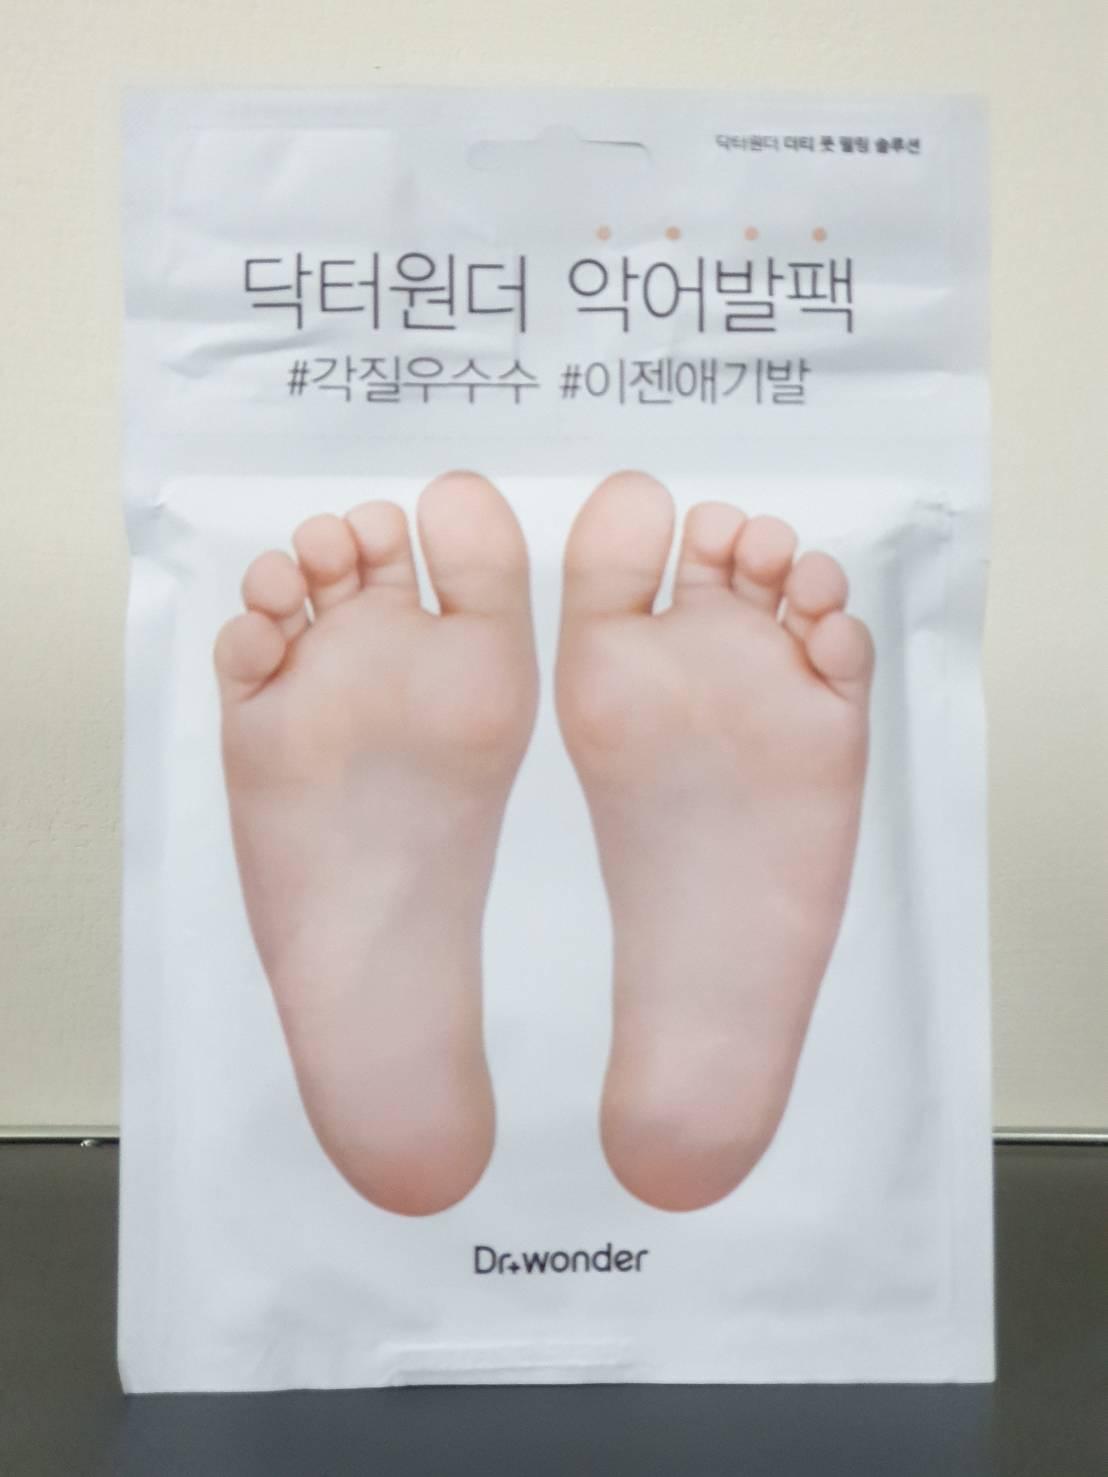 [現貨24H]【Dr.wonder】去角質滋潤足膜 #去角質#韓國#國民腳膜#韓國熱賣